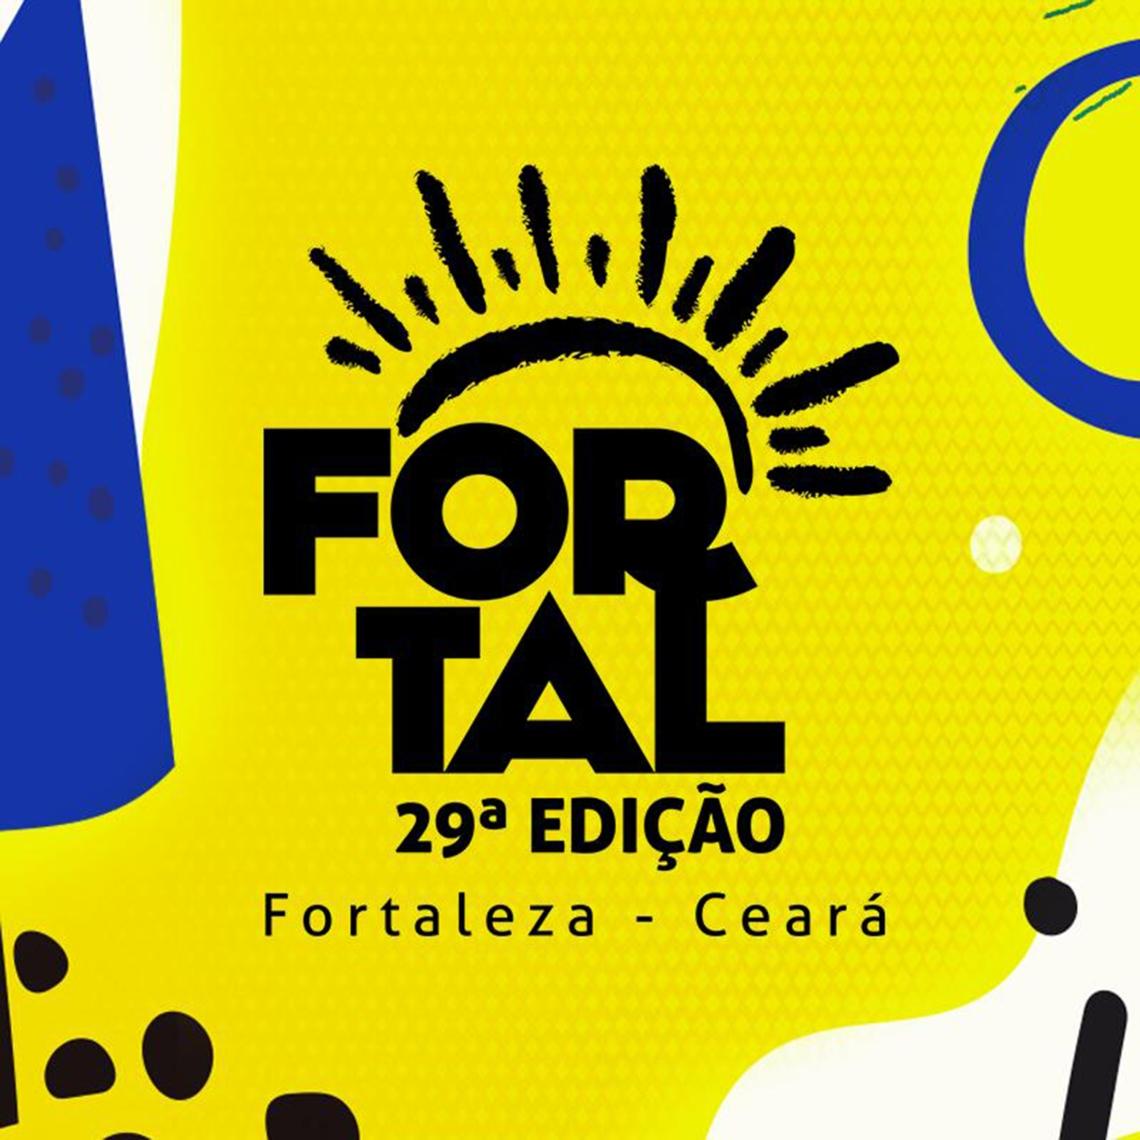 FORTAL_29_EDICAO_COLOR